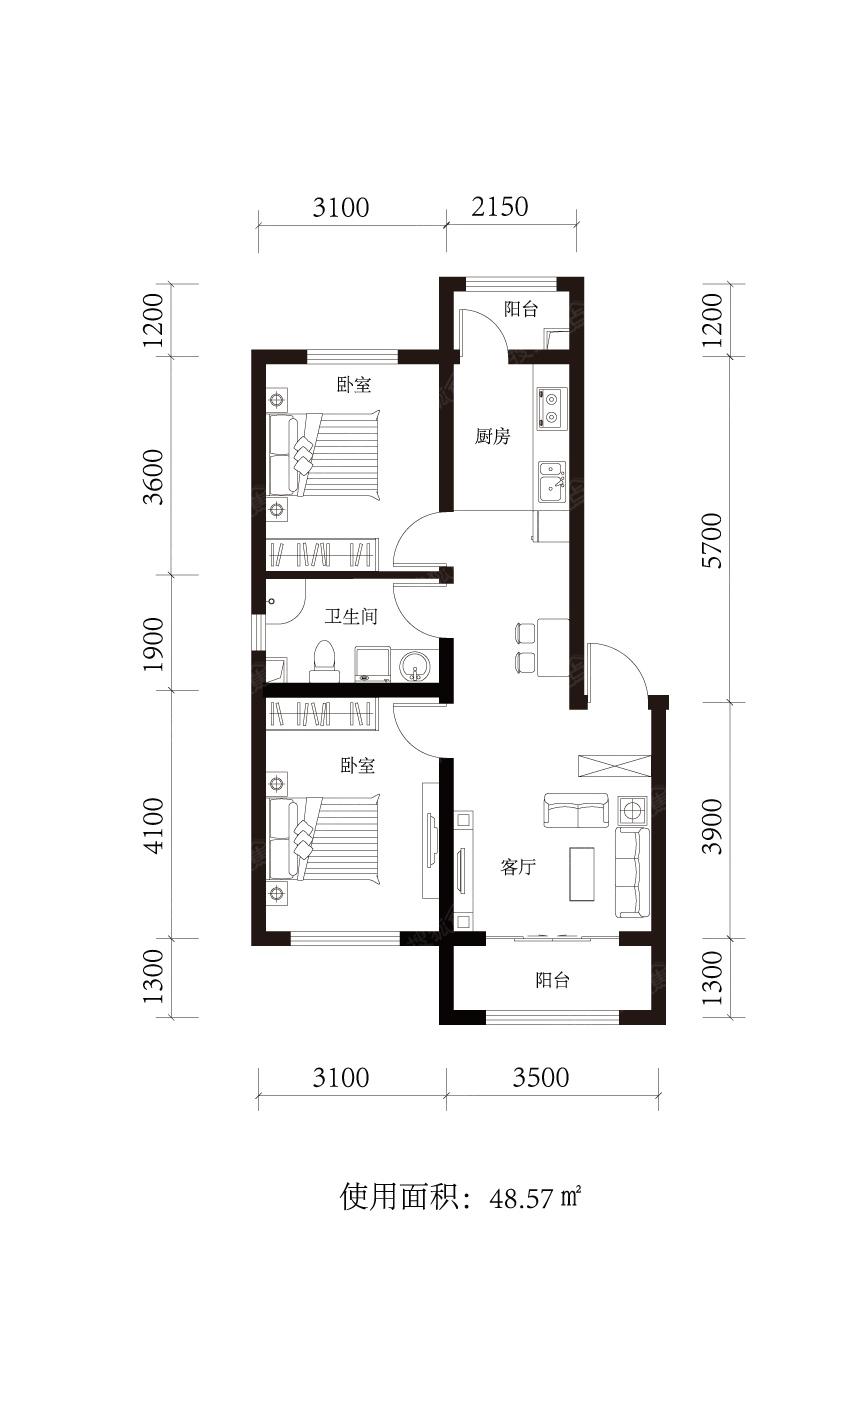 辰能溪树庭院二居室48.57平米两居户型图_辰能溪树图